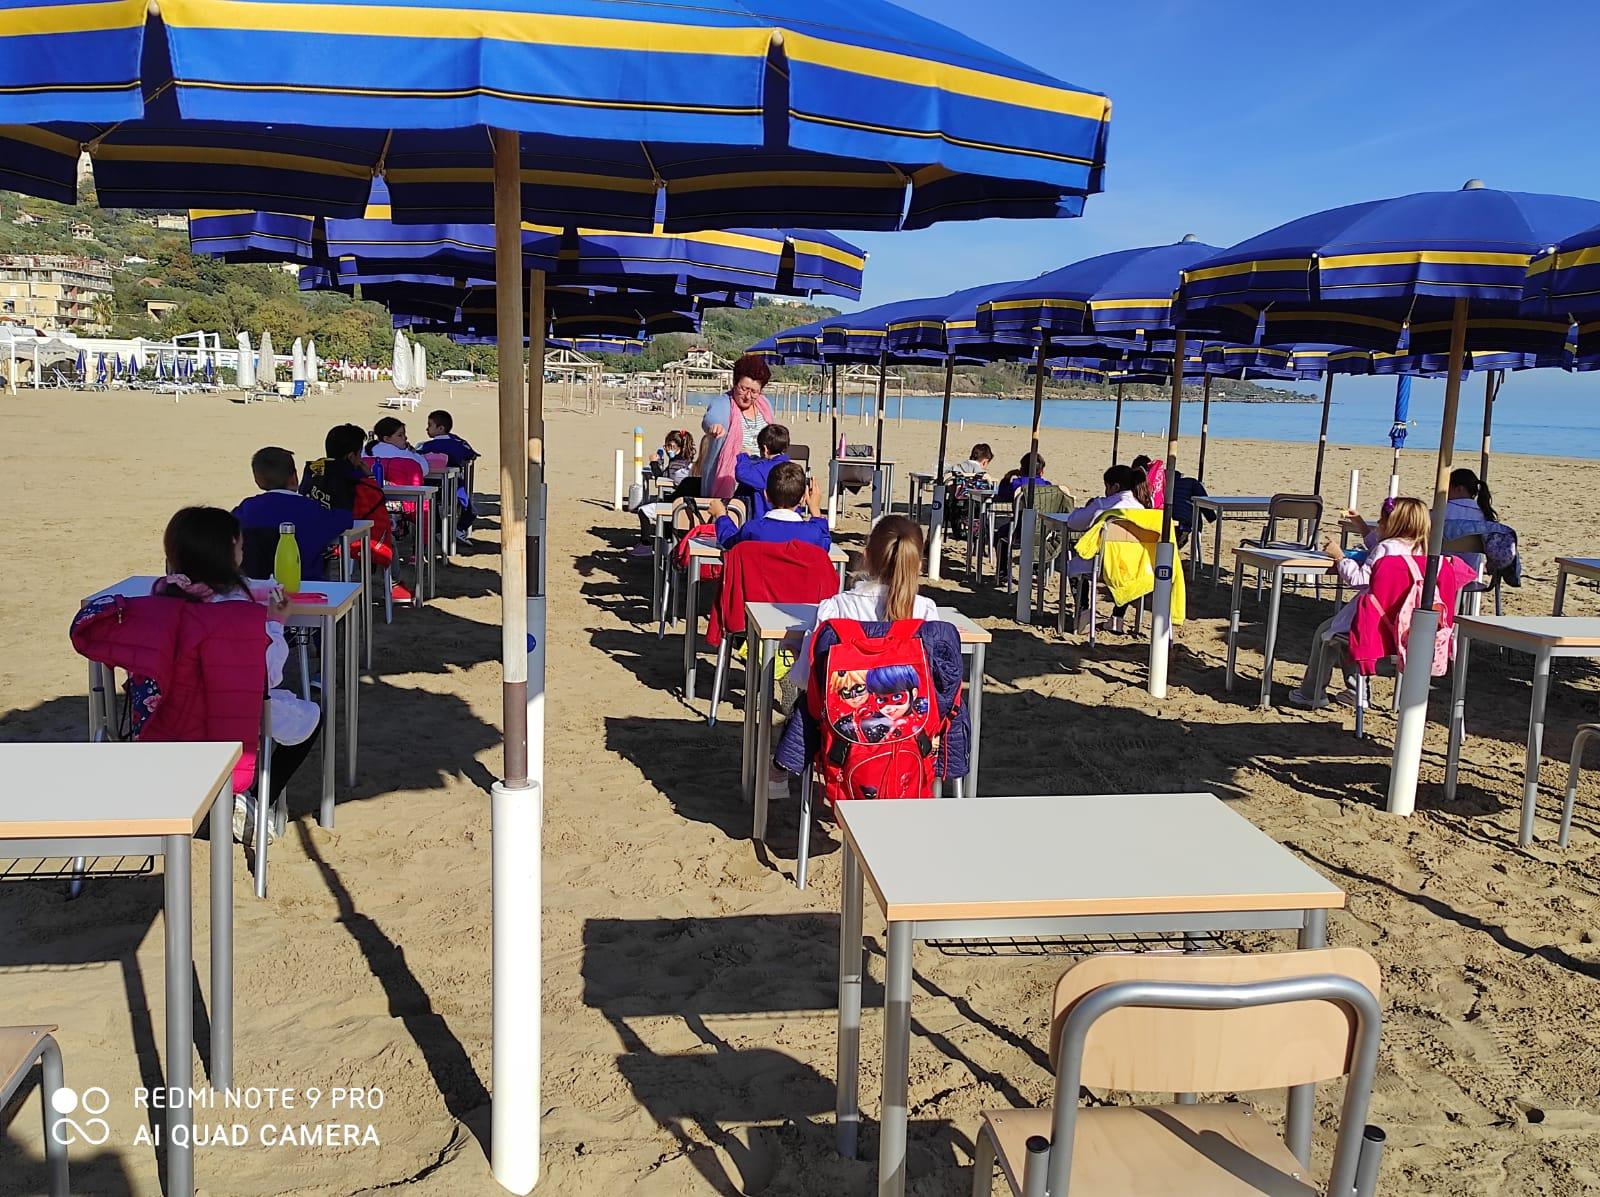 Scuola in riva al mare per la seconda C della Spataro con il progetto InSabbiaMenti. Con Paolo Sorgente per capire le tecniche della pesca